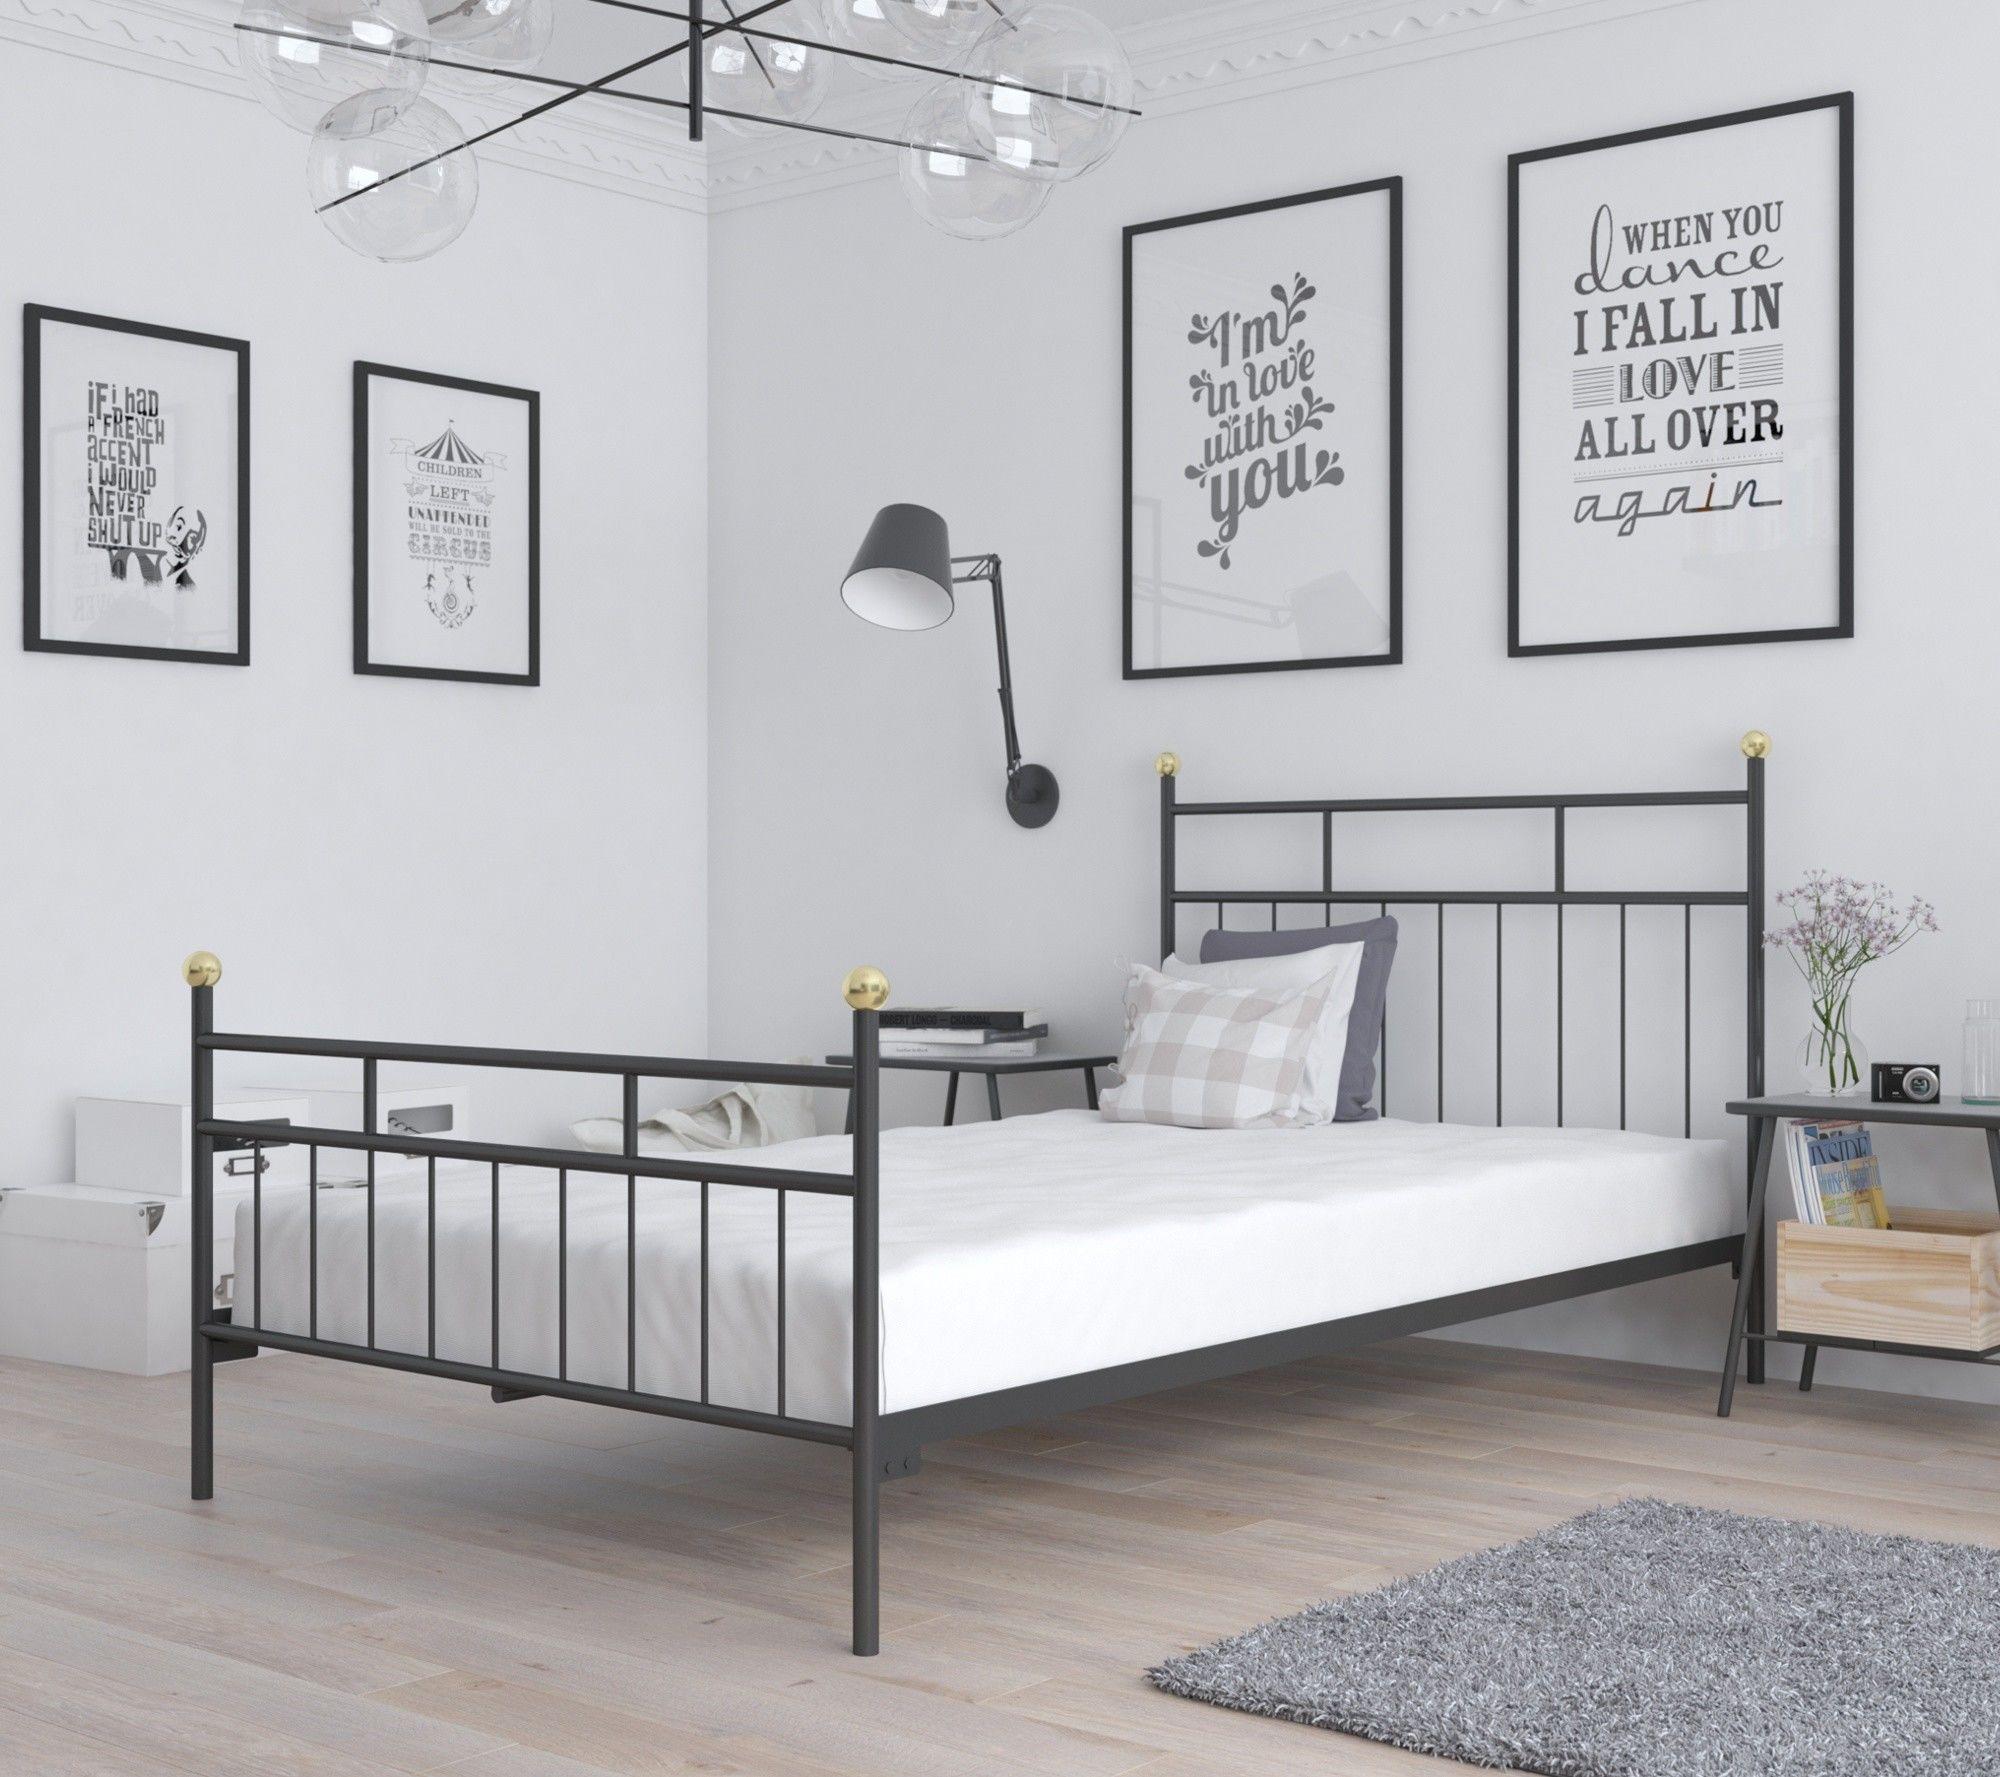 Łóżko metalowe sypialniane 80x200 wzór 27 ze stelażem